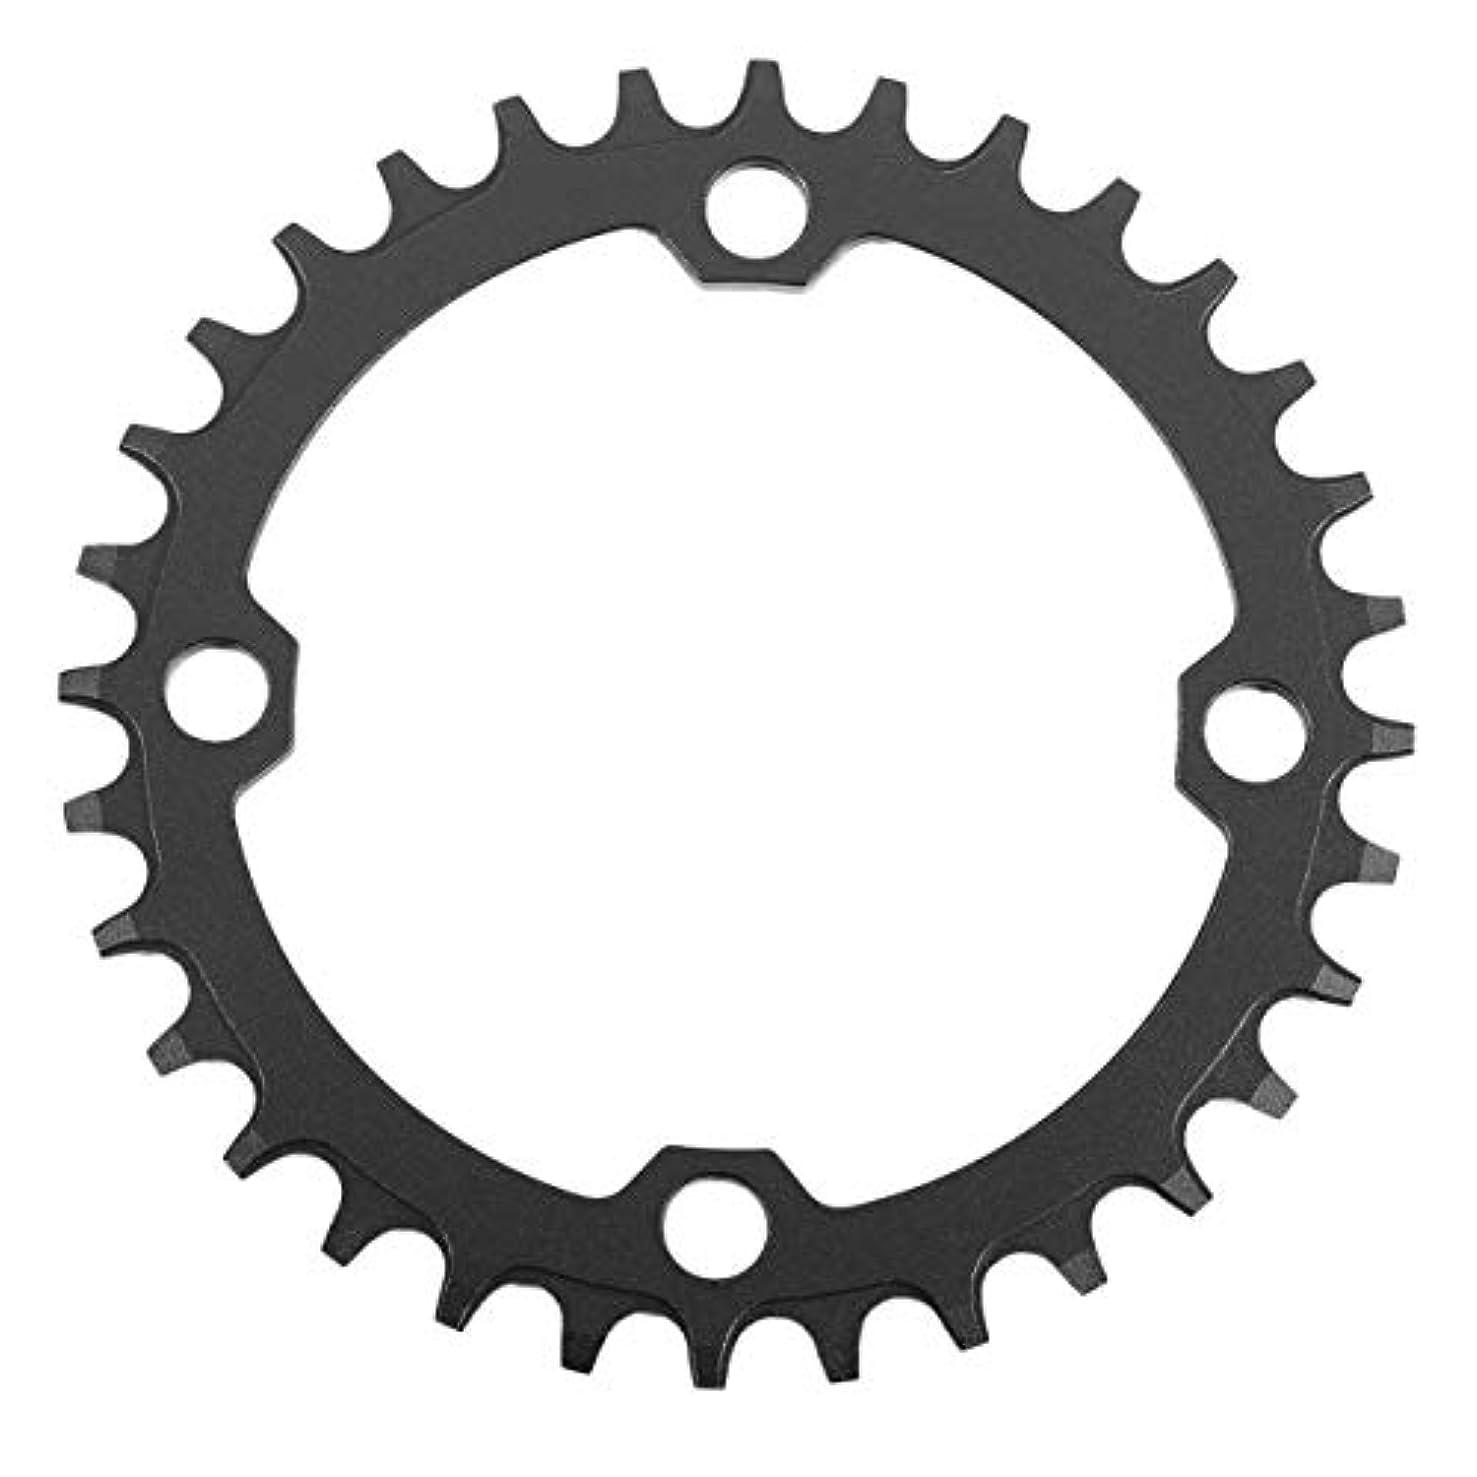 衝動細菌上がるDECKAS Narrow Wide Bike MTB Crank Round Oval Chainring Chain Ring自転車Chainwheel Bike Circle Single Plate-ブラック